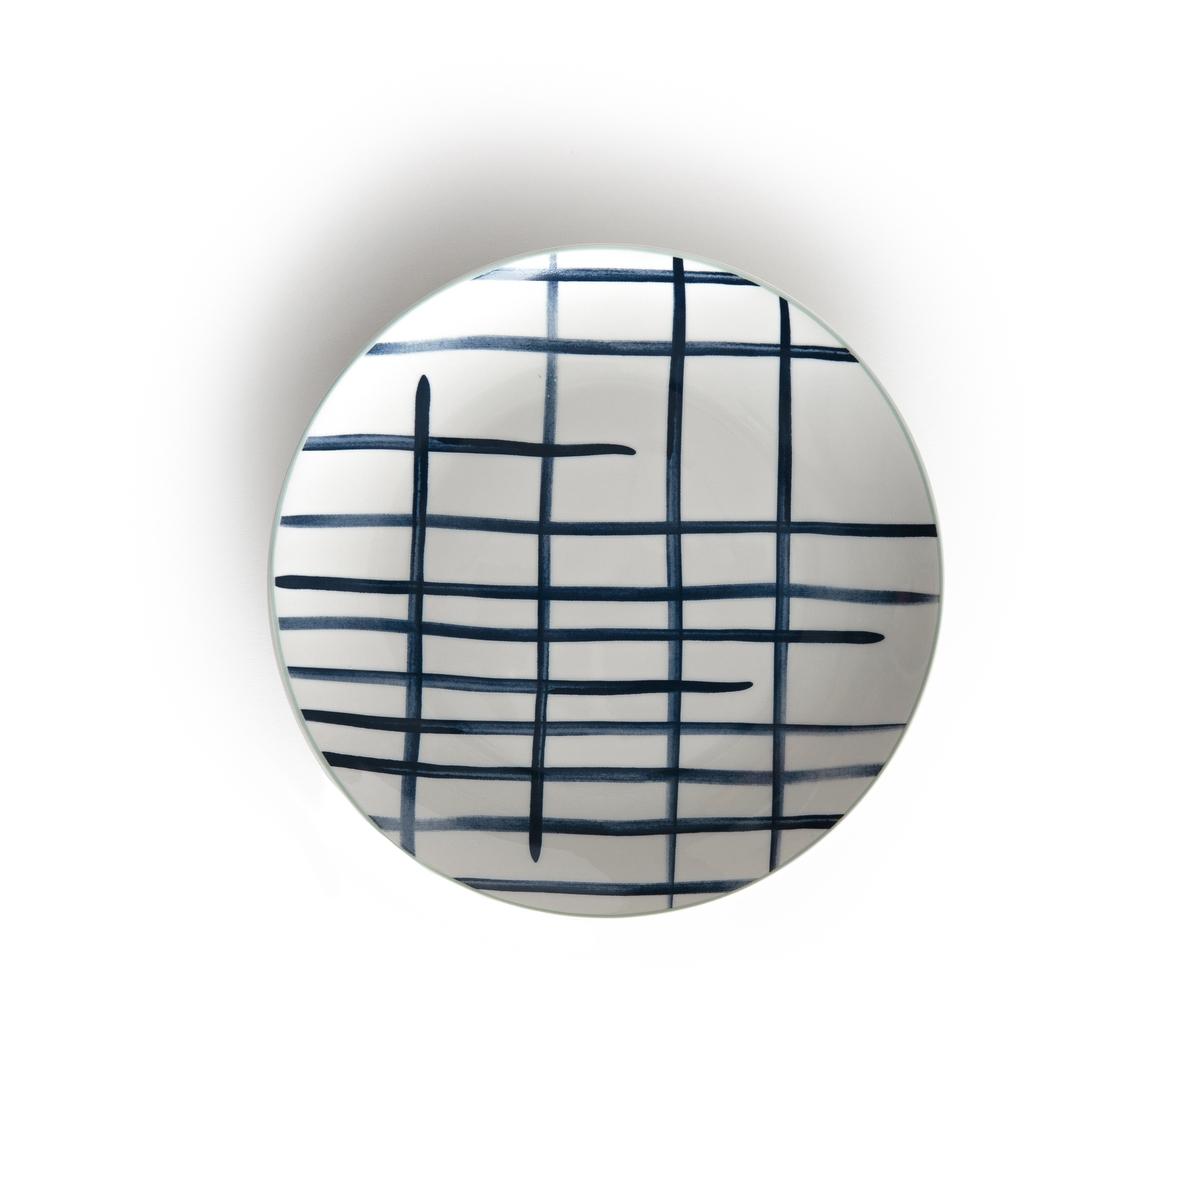 4 тарелки десертные из керамики ECUME4 тарелки десертные из керамики Ecume . Красивое сочетании синих оттенков в морском стиле .Описание 4 плоских тарелок из керамики Ecume:- Из тонкой керамики .- Диаметр 20 см  .- Можно использовать в посудомоечных машинах и микроволновых печах.Плоские тарелки и кружки Ecume продаются на сайте laredoute.ru<br><br>Цвет: синий/наб. рисунок